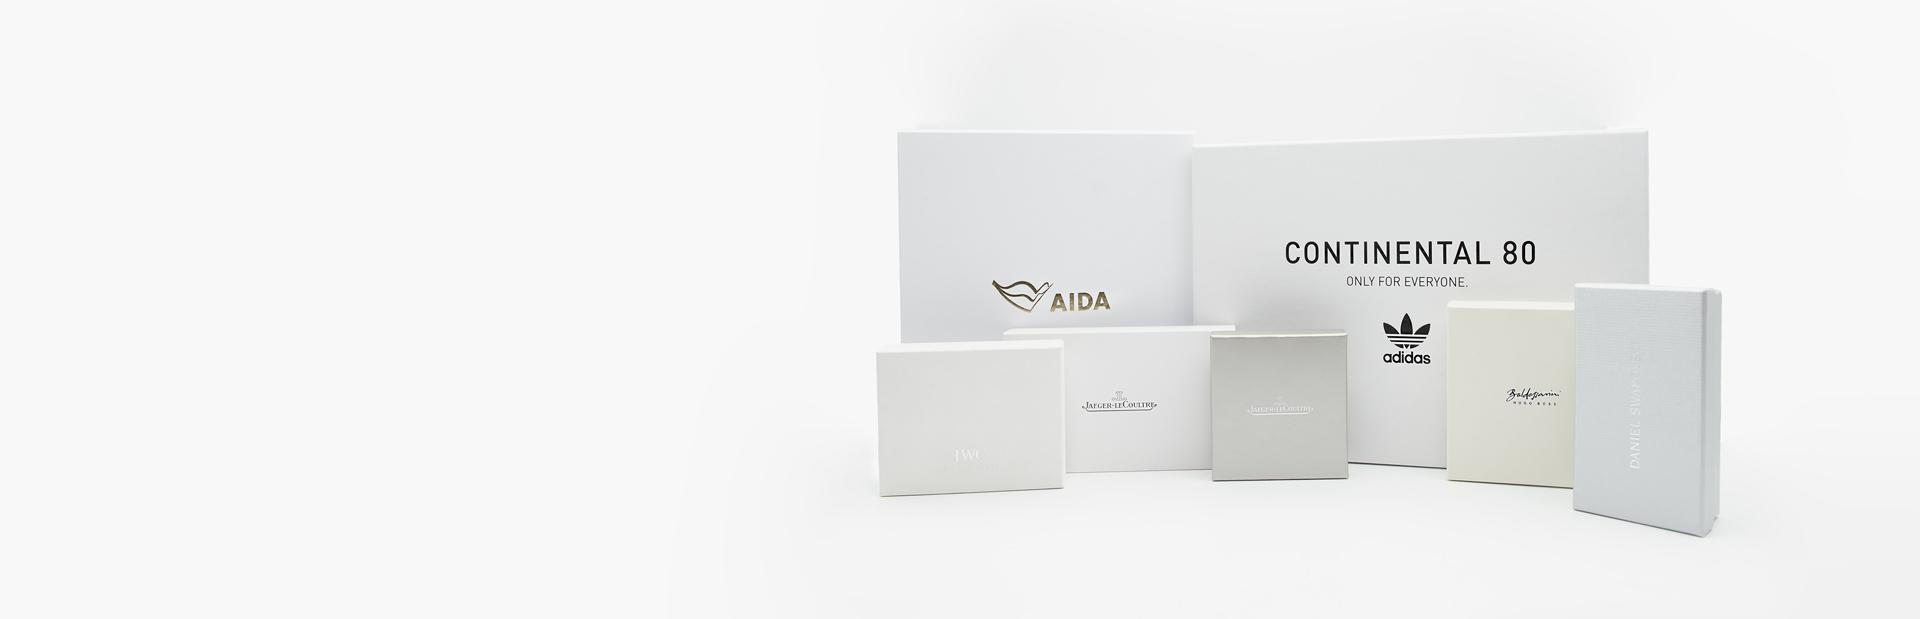 kundner-kartonagen-packaging-for-brands-verpackungen-brands-slider-luxusverpackungen-industrieverpackungen-slider02